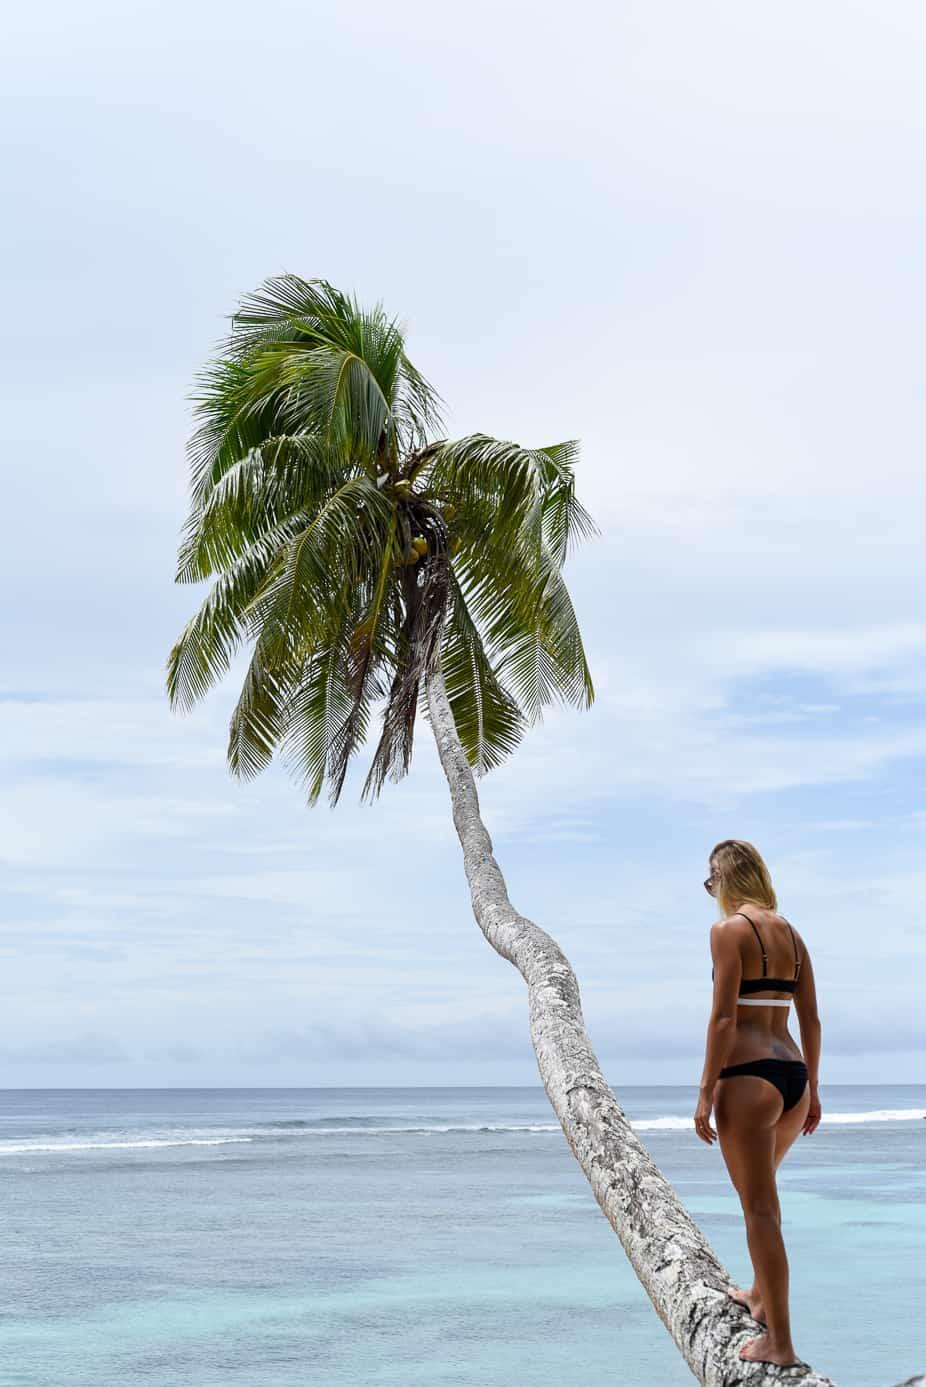 samoa travel blog lush palm